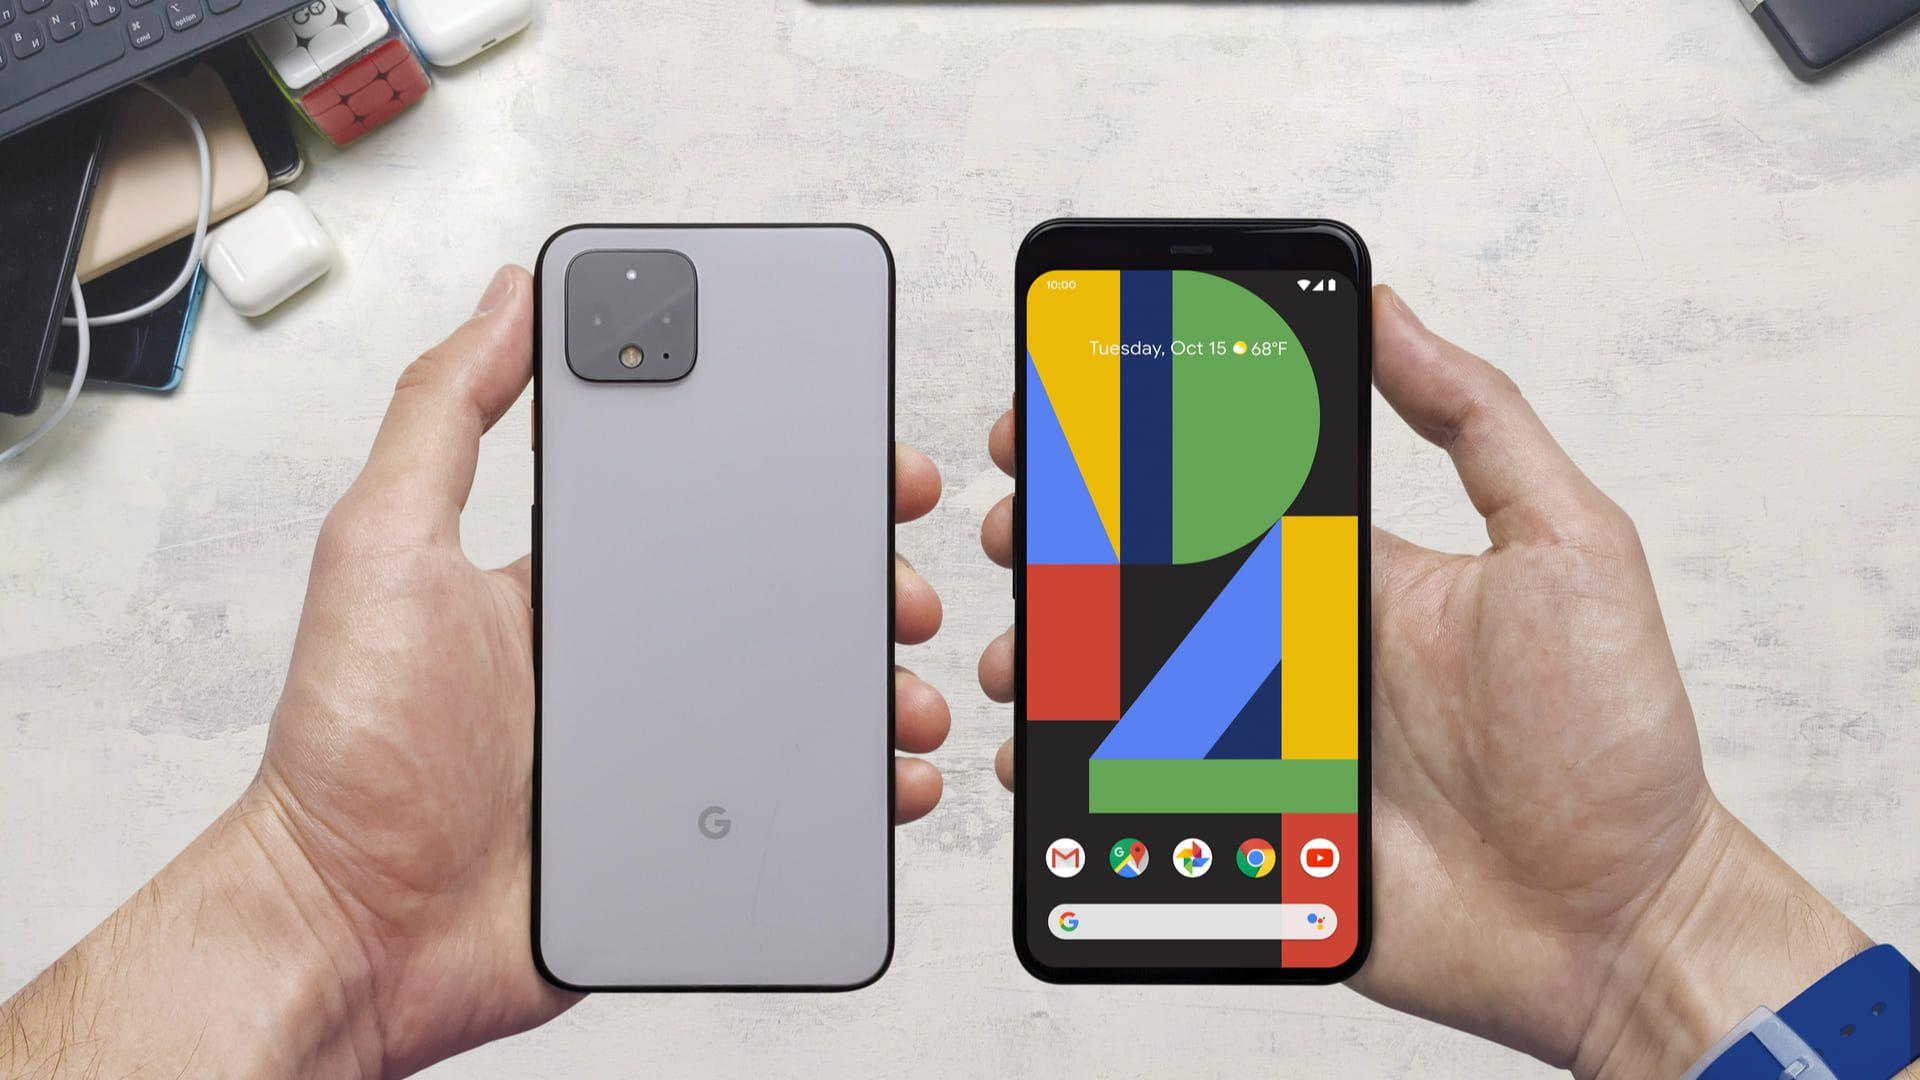 O Google Pixel 4 é um aparelho com processador potente. (Foto: Shutterstock)